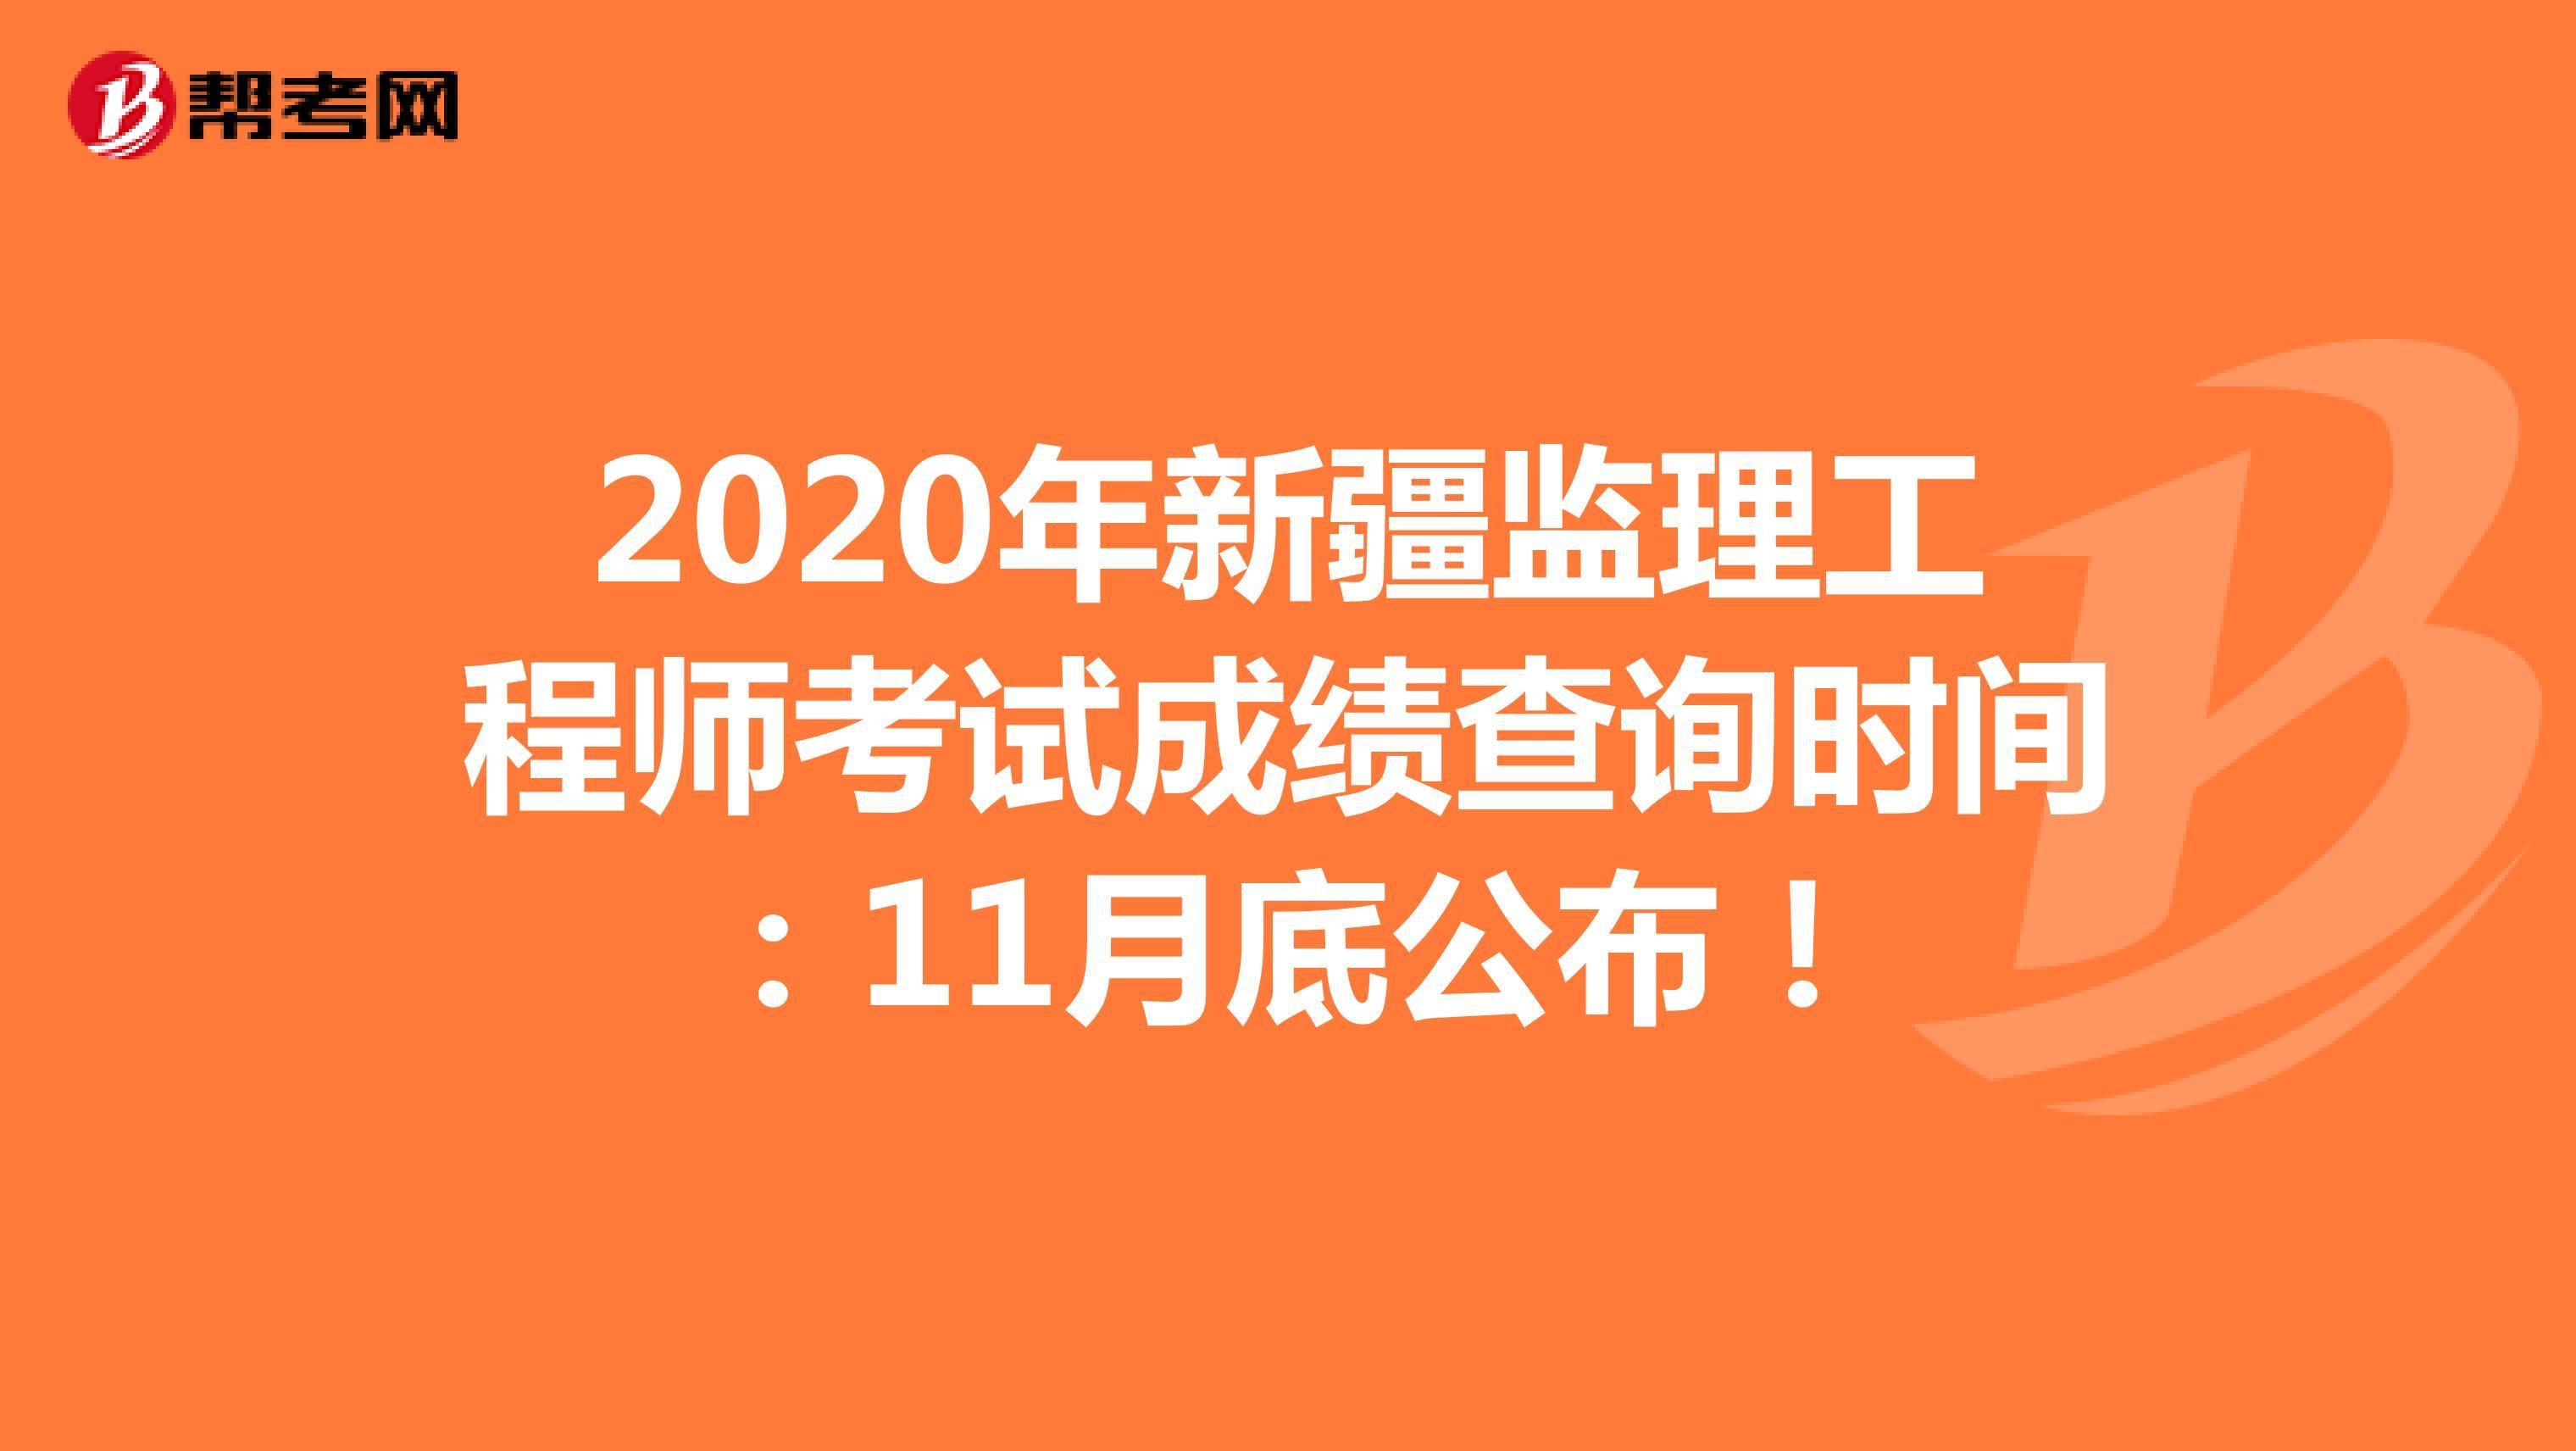 2020年新疆监理工程师考试成绩查询时间:11月底公布!